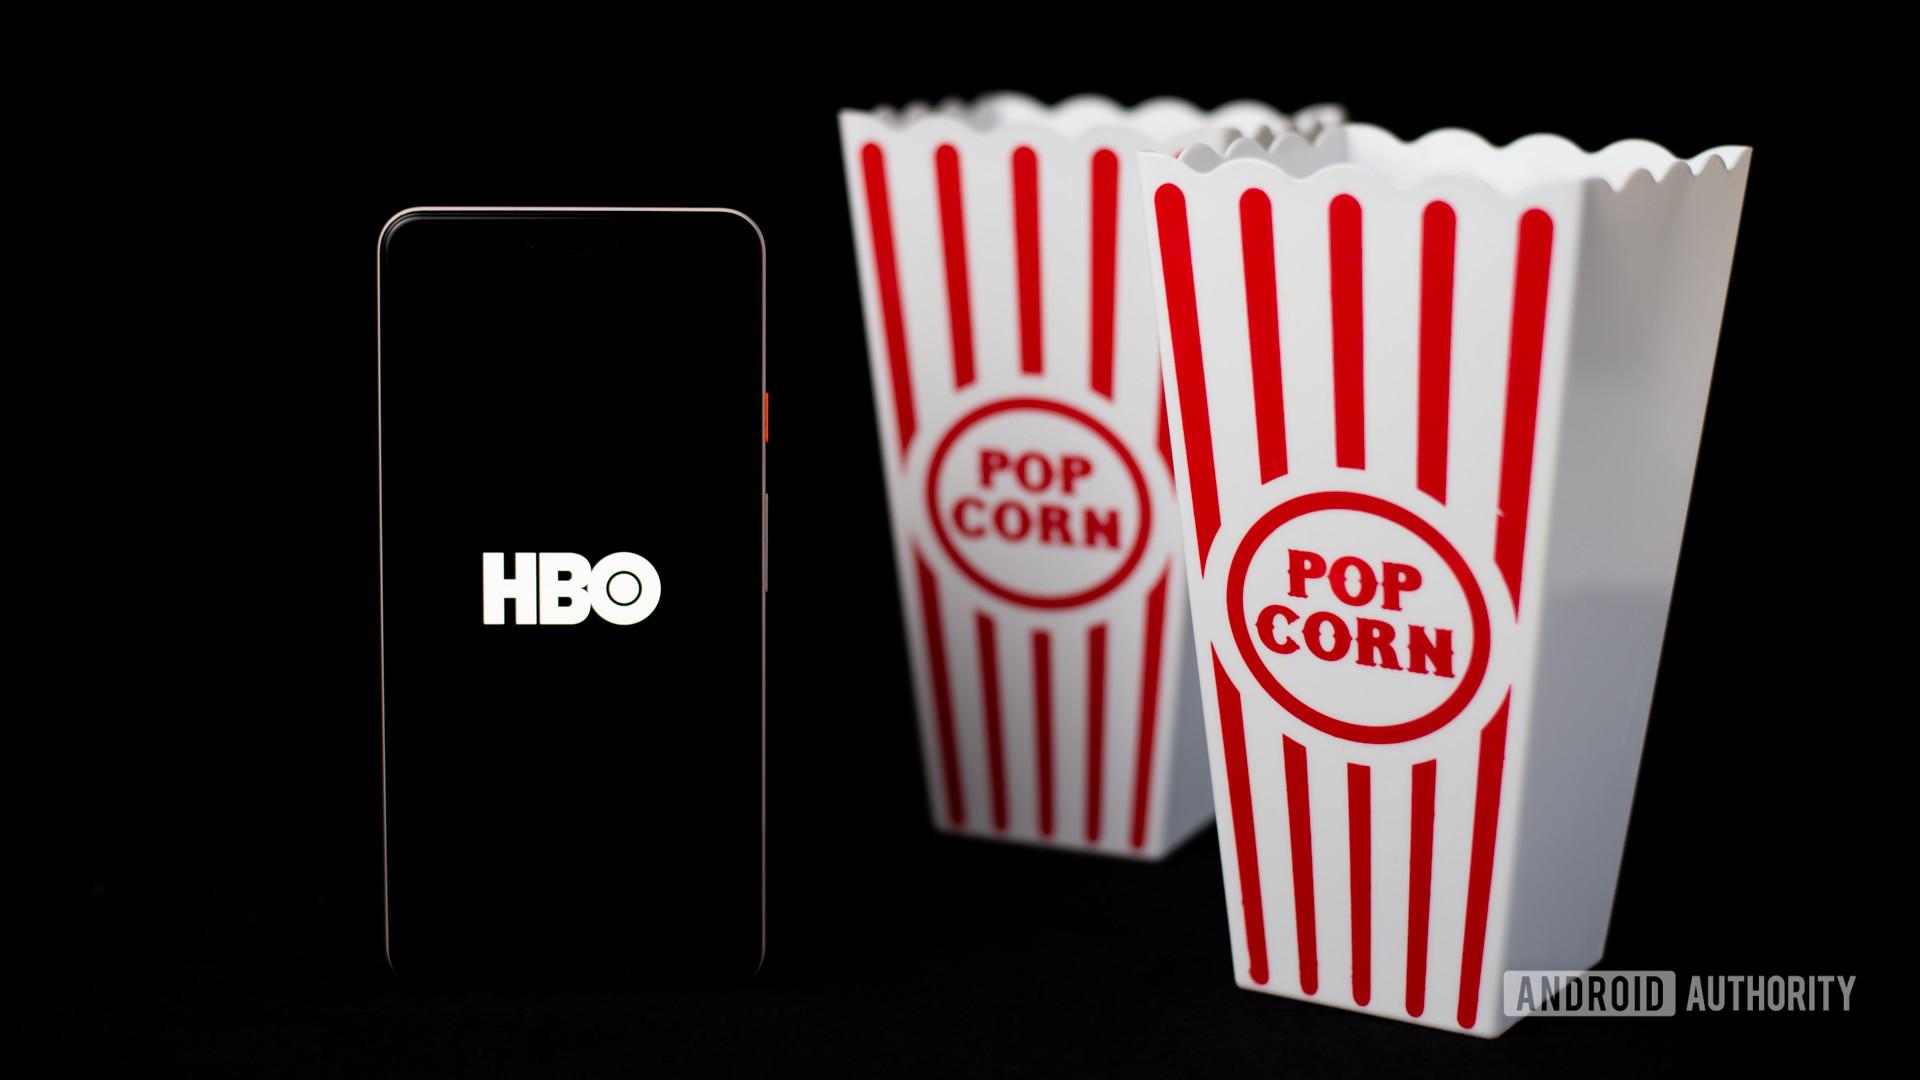 HBO stock photos 1